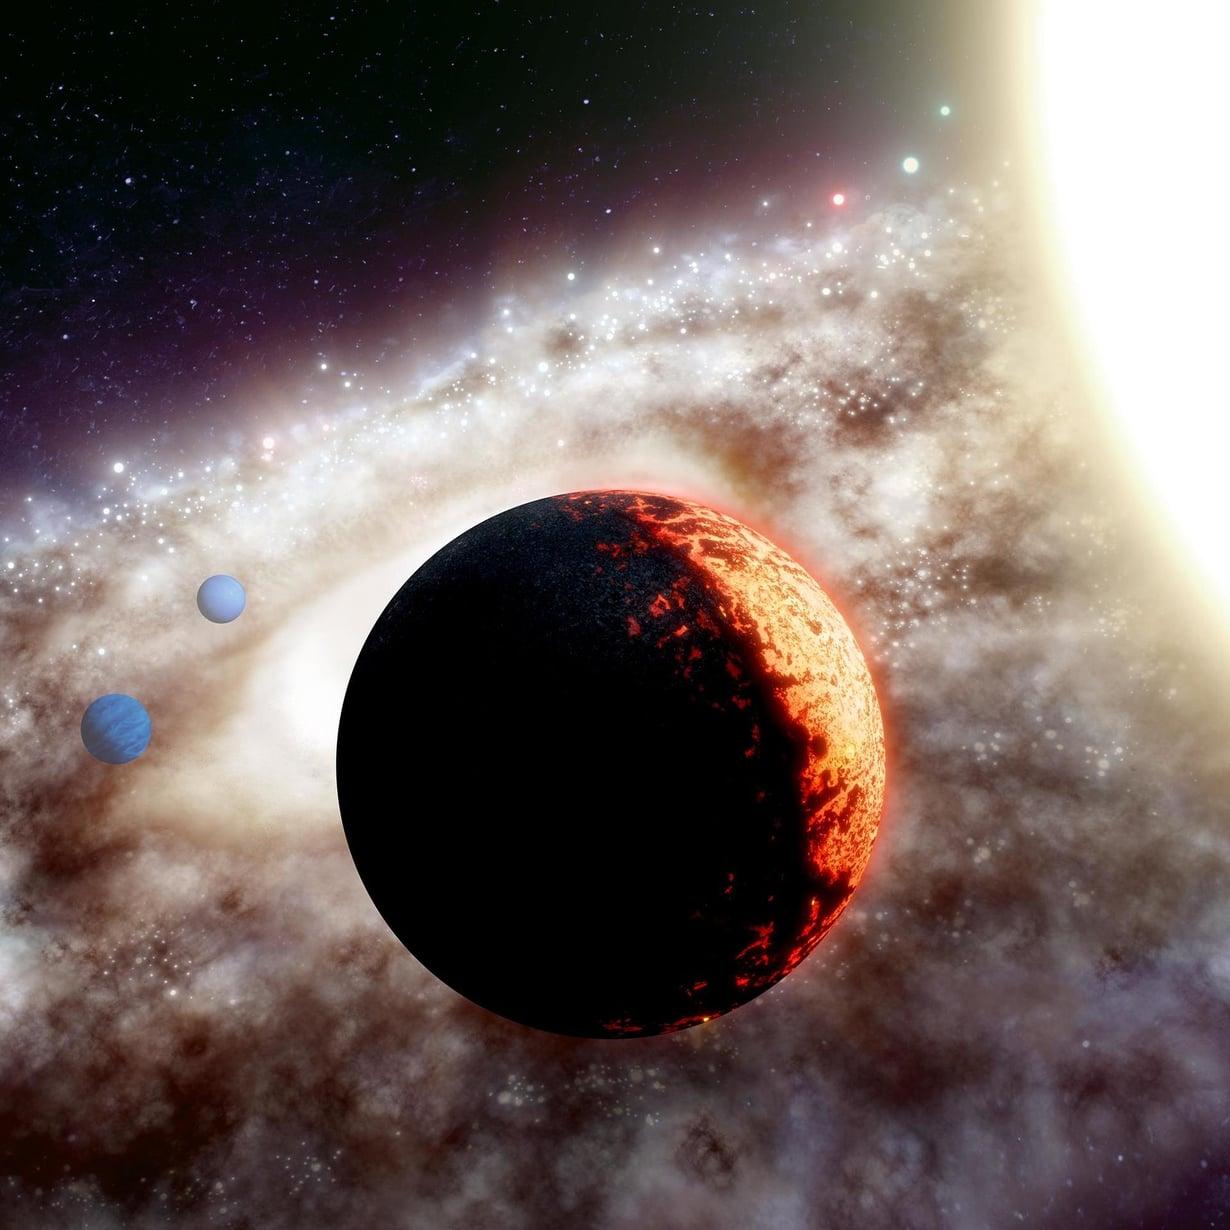 Taiteilijan näkemys TOI-561b-planeetasta, joka kiertää tähteään aivan lähituntumassa. Kuva: Adam Makarenko / W. M. Keck Observatory